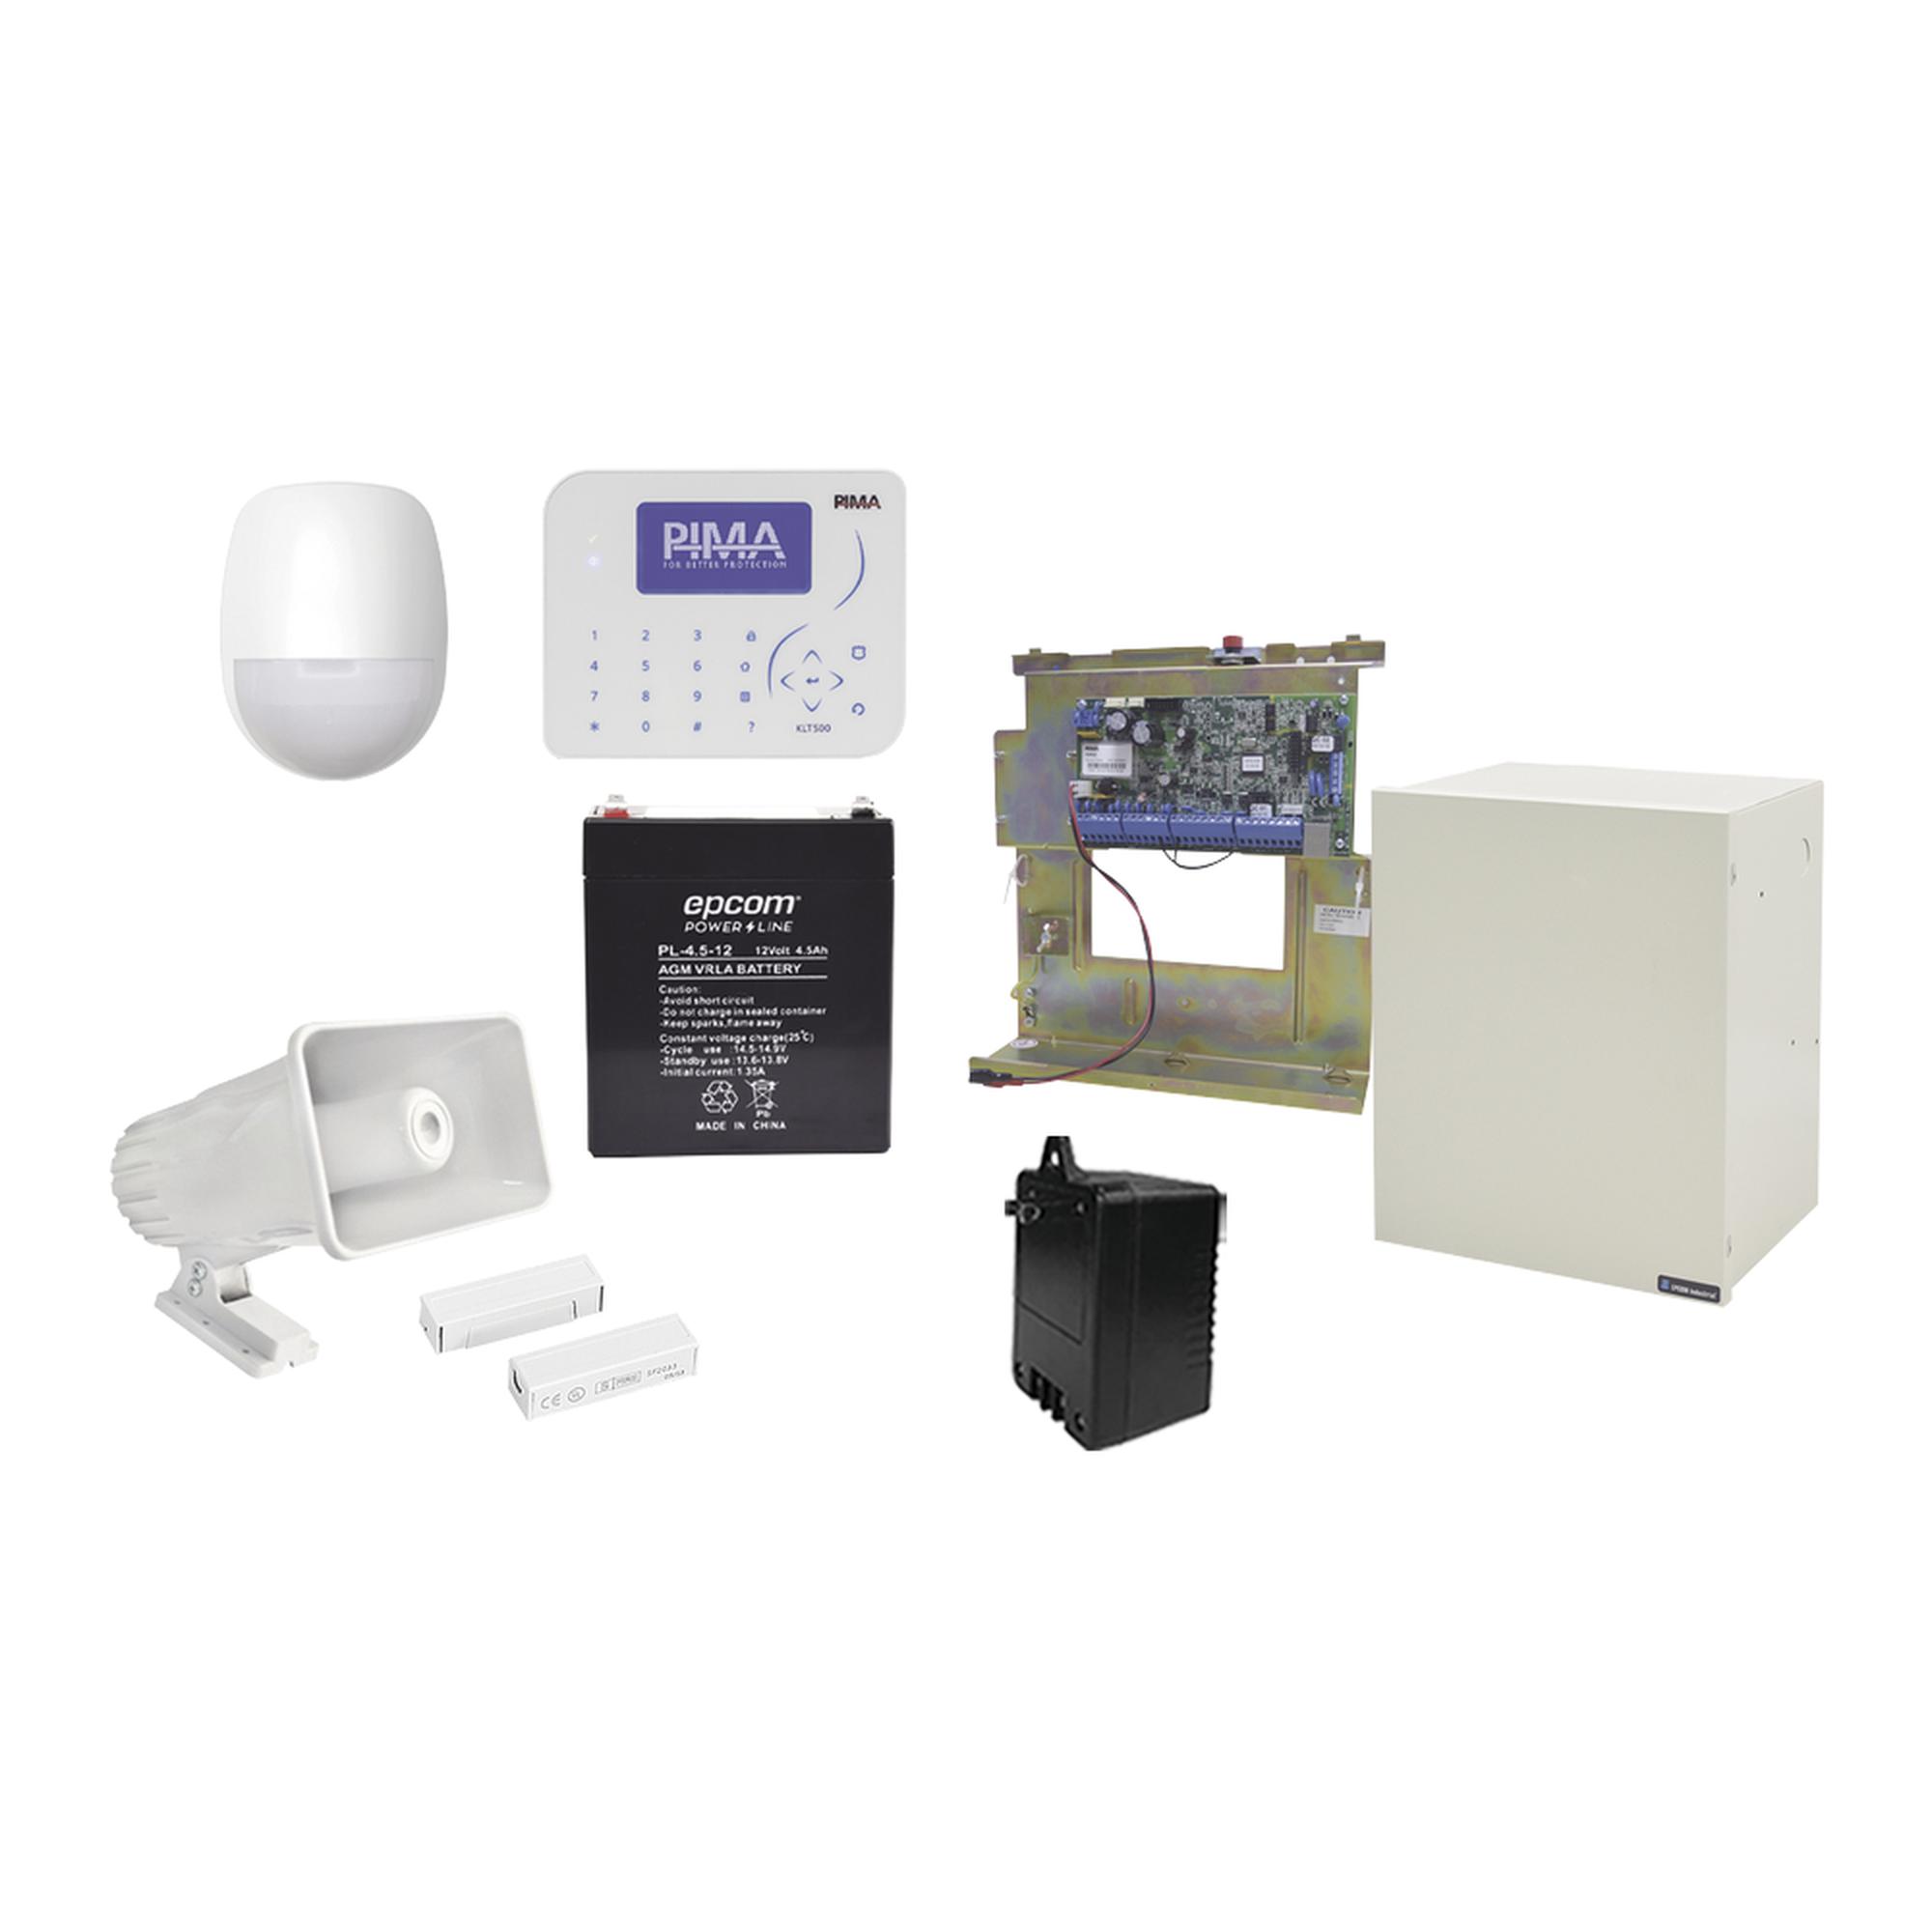 Kit de Alarma con Sensores cableados, Conexion IP con App PIMALINK3.0 Gratis!